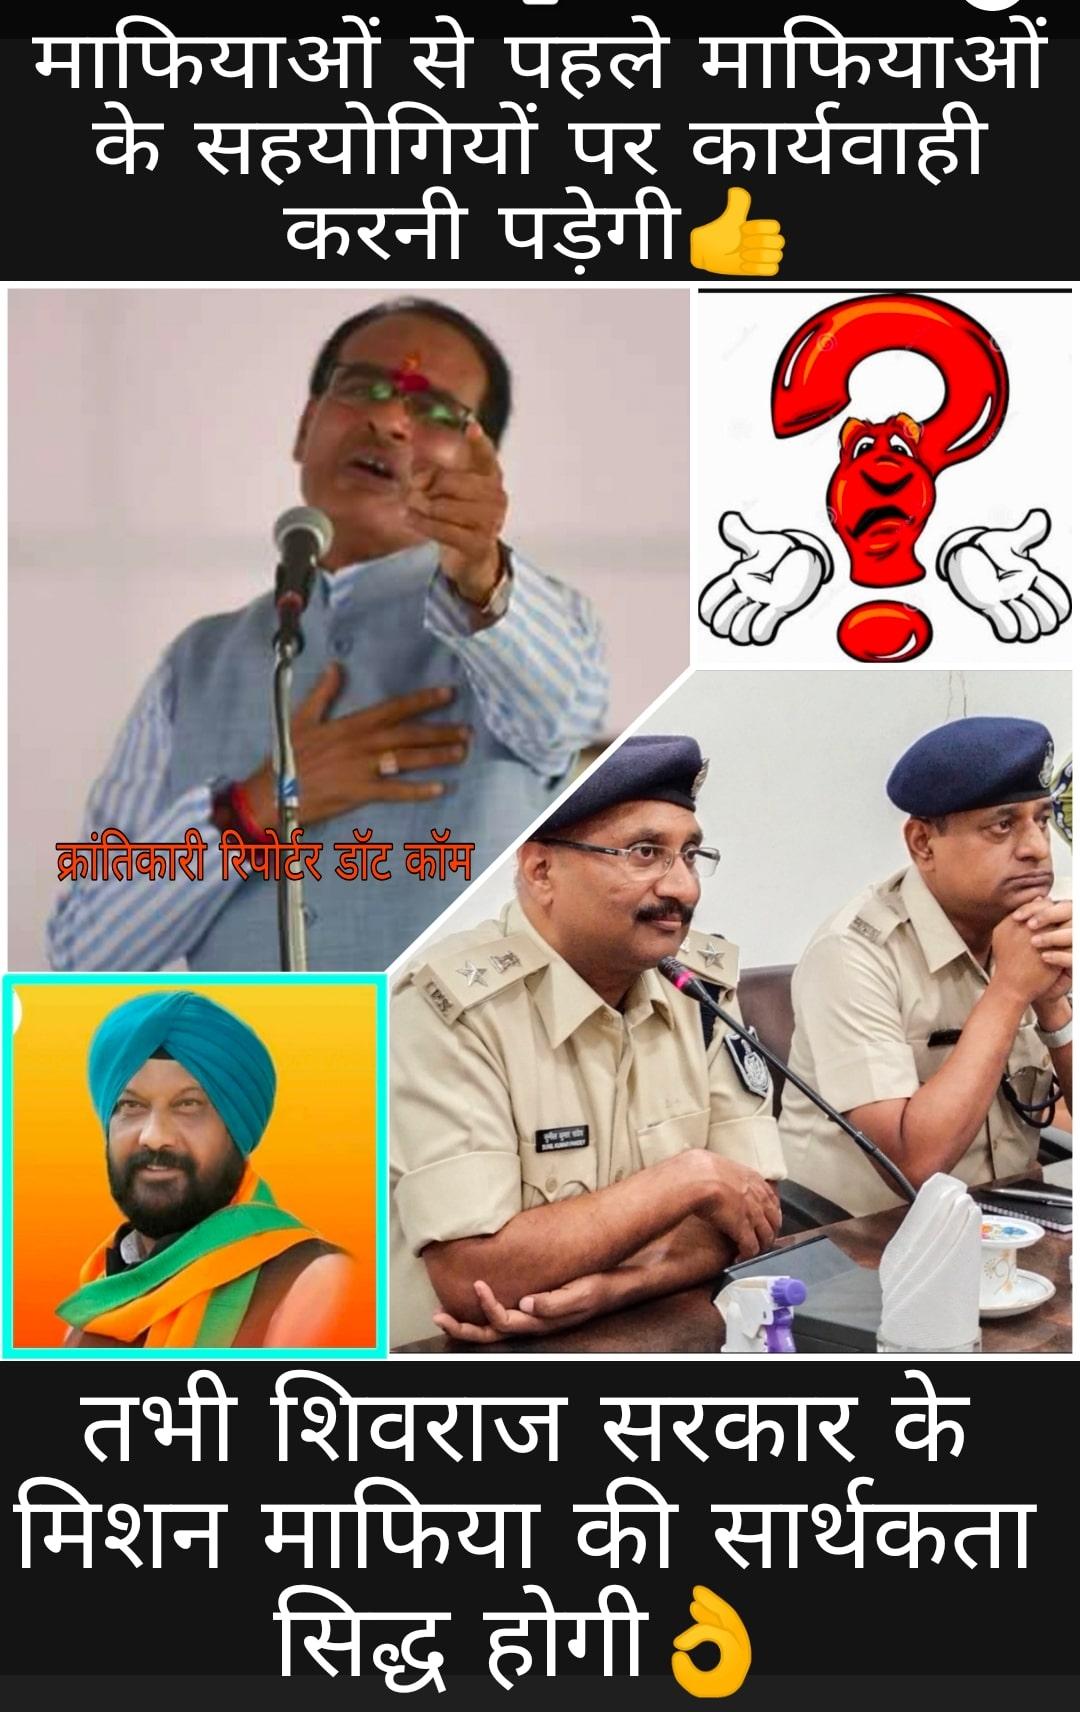 #नवांगत SP पांडे सा. कैसे जिले में माफ़िया पर काबू पा पाएंगे... जब मिलीभगत के खेल में कुछ पुलिस वाले भी माफियाओं के साथ नजर आएंगे...?